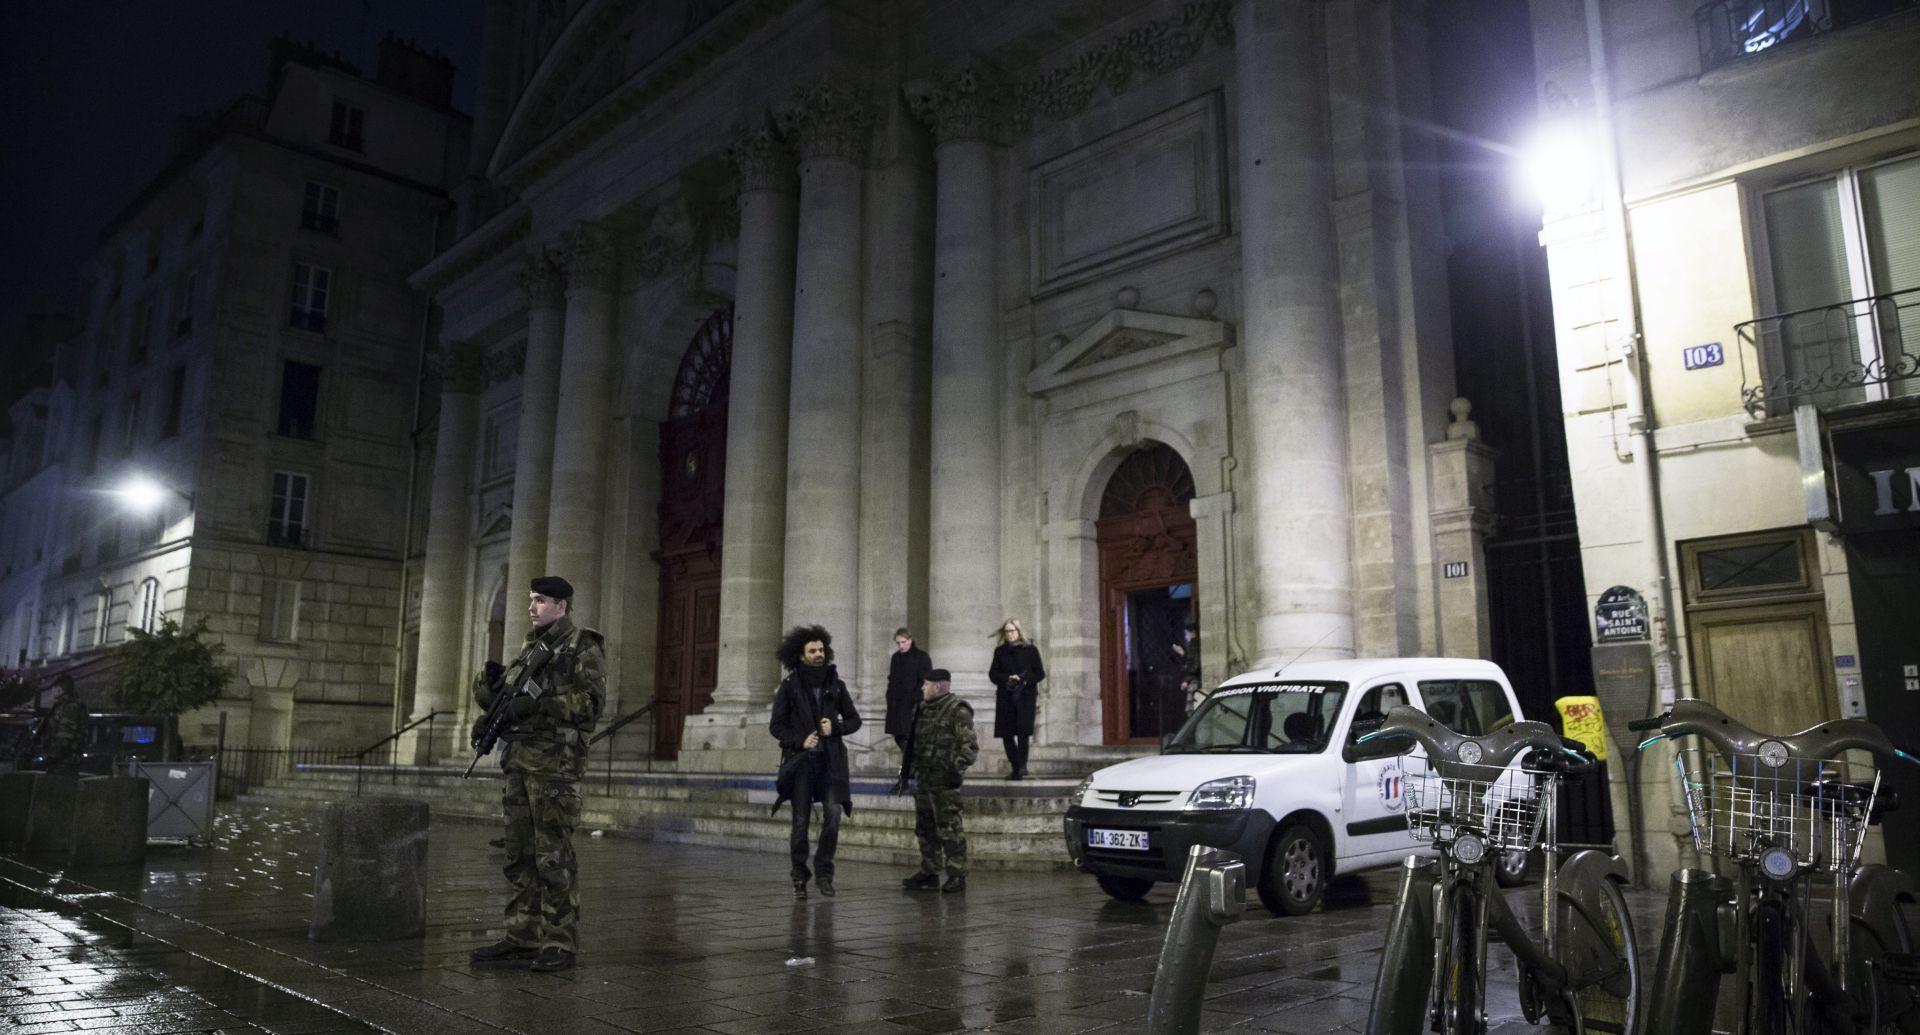 FRANCUSKA: Muslimani simbolično štitili crkvu za vrijeme polnoćke